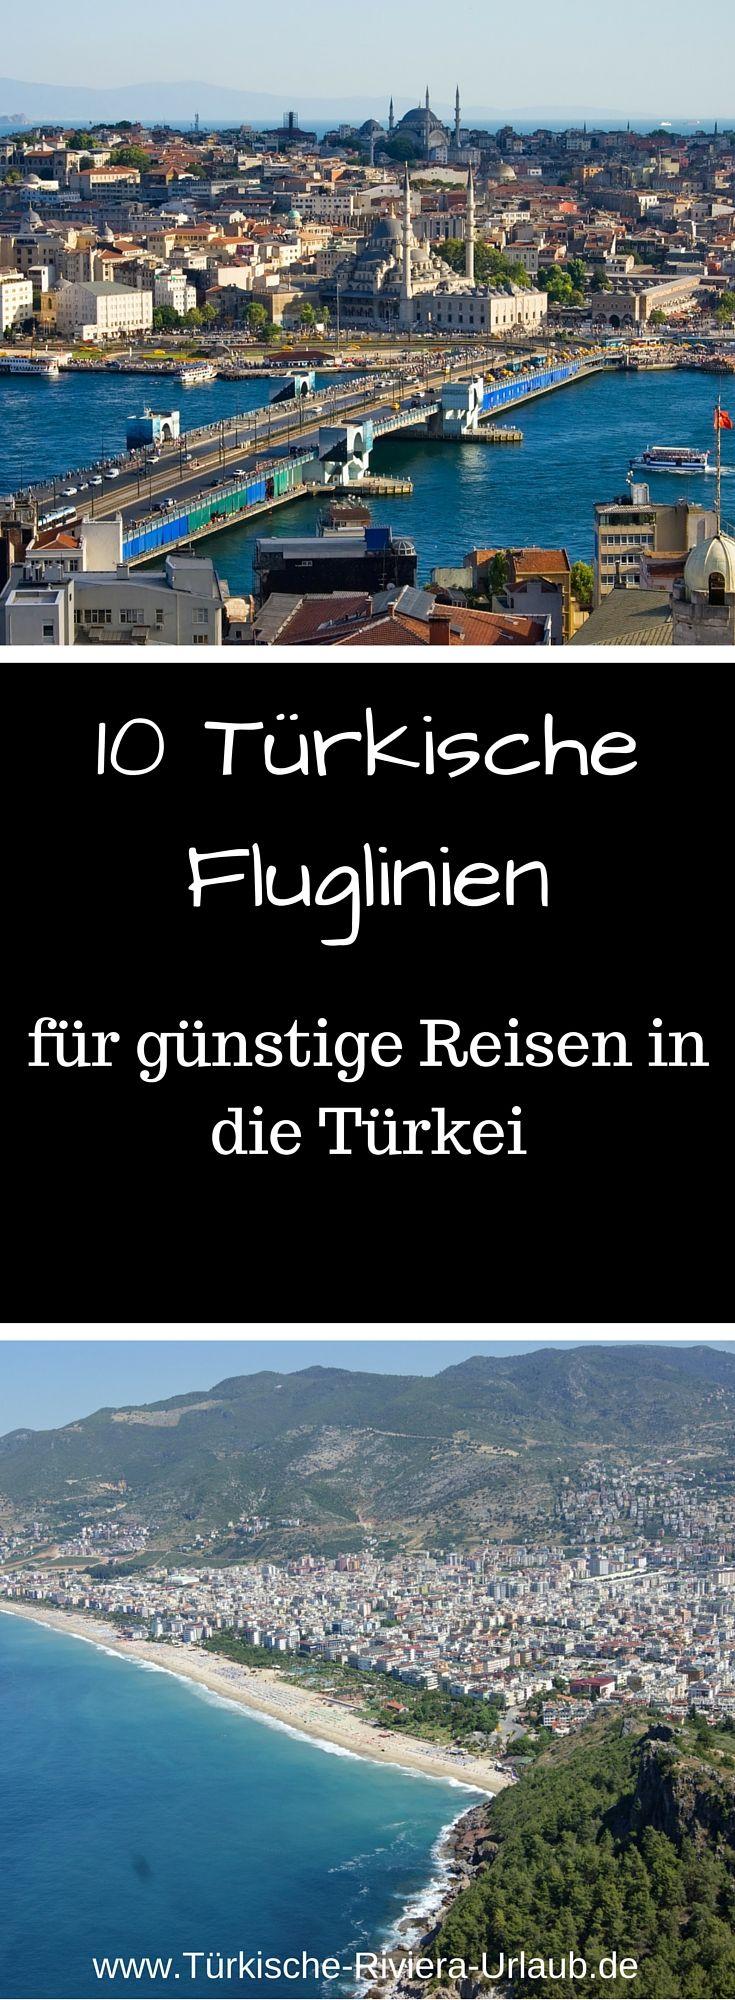 10 Türkische Airlines die dich günstig in den Sommer bringen findest du in dieser Liste auf http://www.tuerkische-riviera-urlaub.de/tuerkische-airlines/. Es sind nämlich nicht alle Billigfluglinien in den gängigen Suchportalen vertreten. Durch den Vergleich mit den verschiedenen Airlines in meiner Liste kannst du ein wenig Geld sparen.